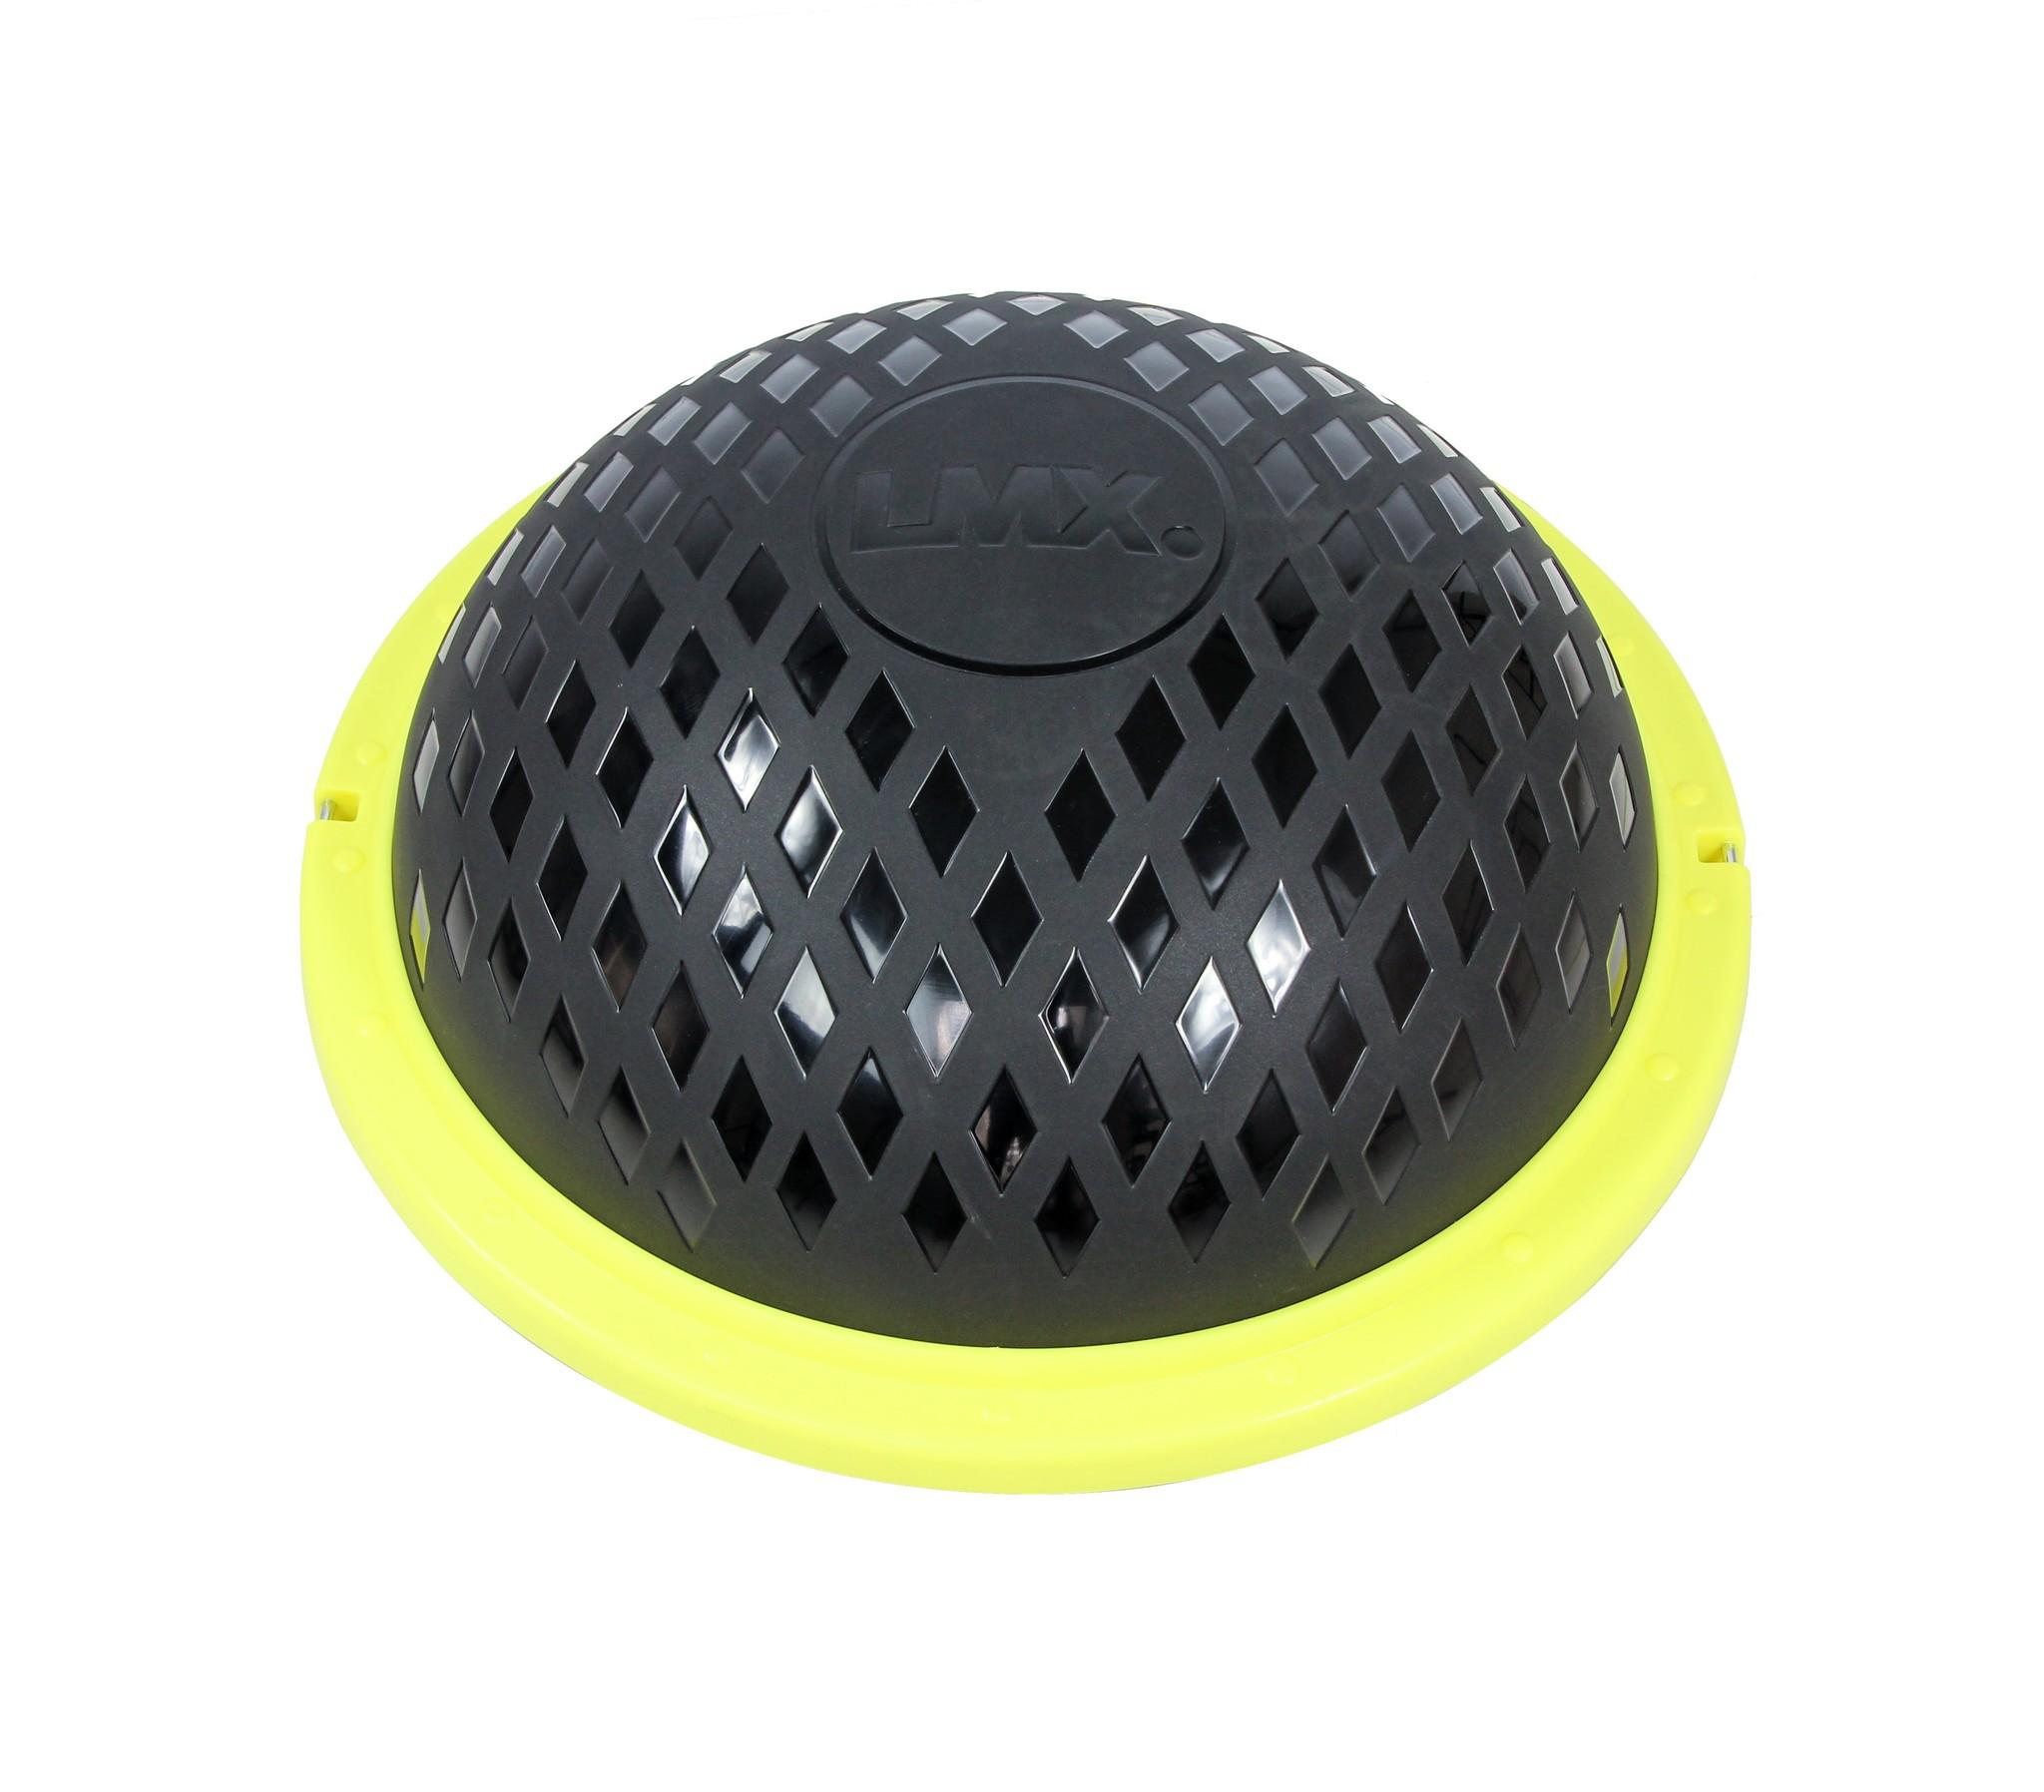 LMX.® LMX1601 LMX. Balance dome